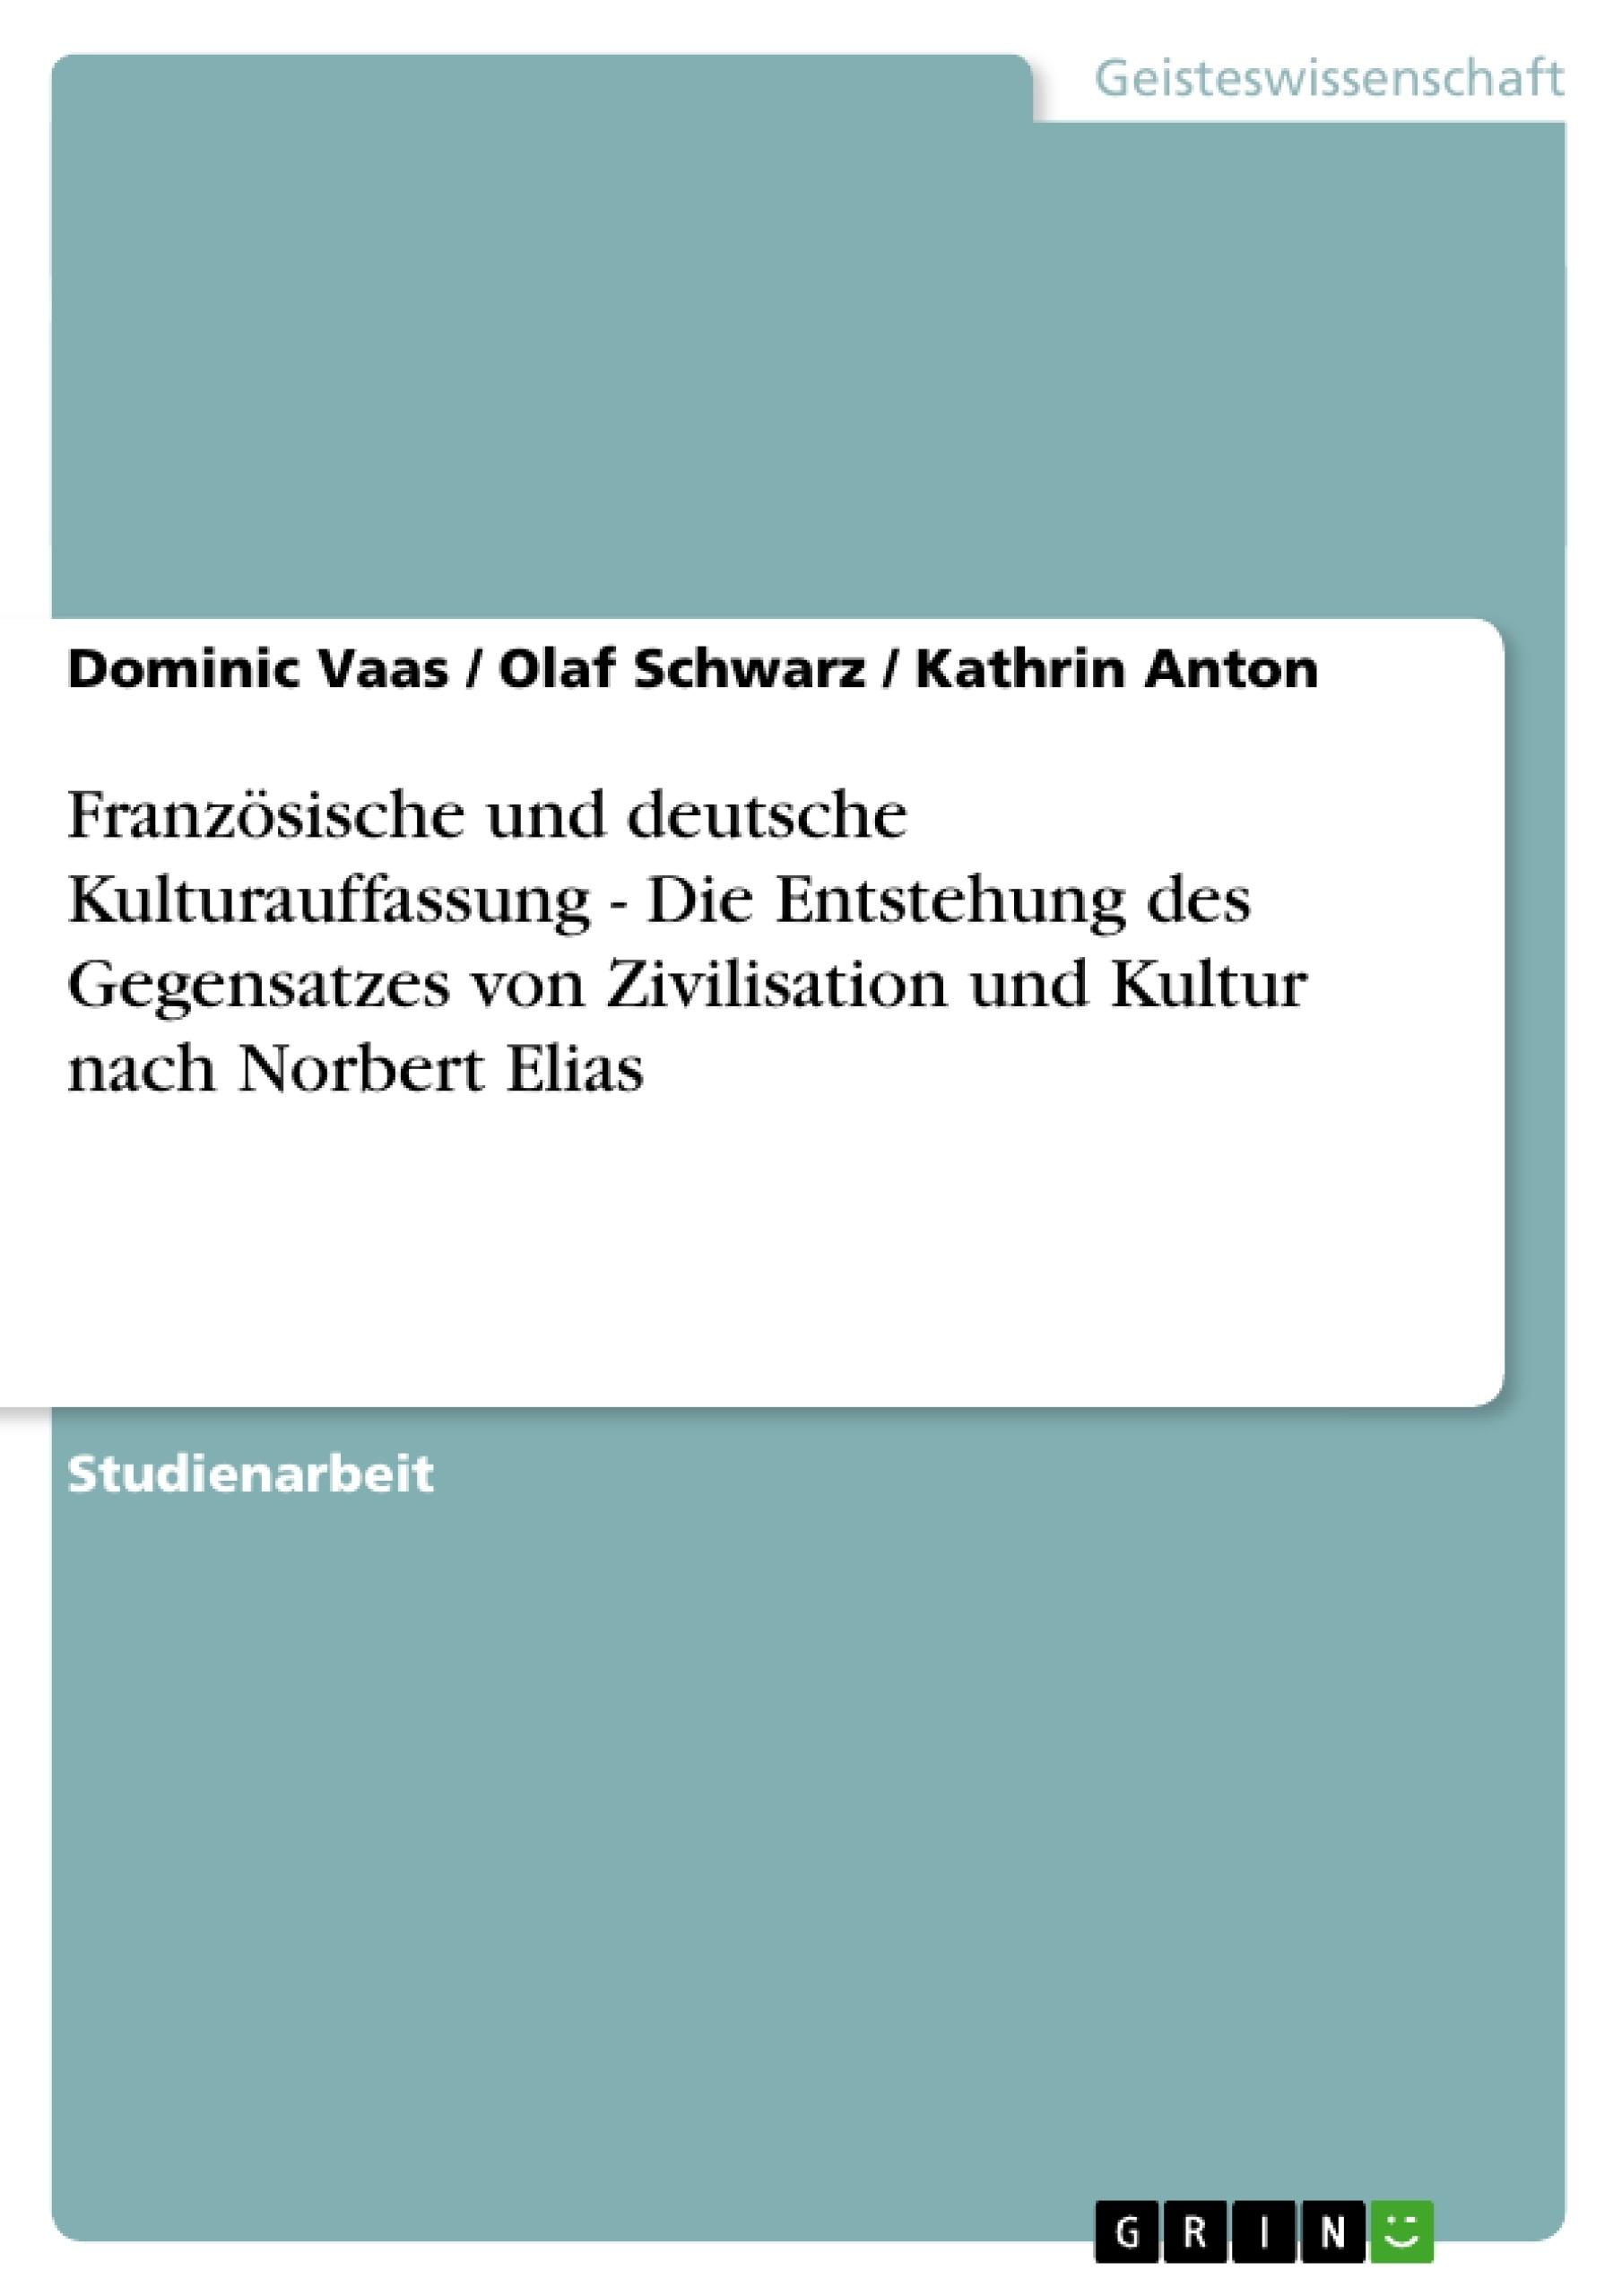 Titel: Französische und deutsche Kulturauffassung - Die Entstehung des Gegensatzes von Zivilisation und Kultur nach Norbert Elias